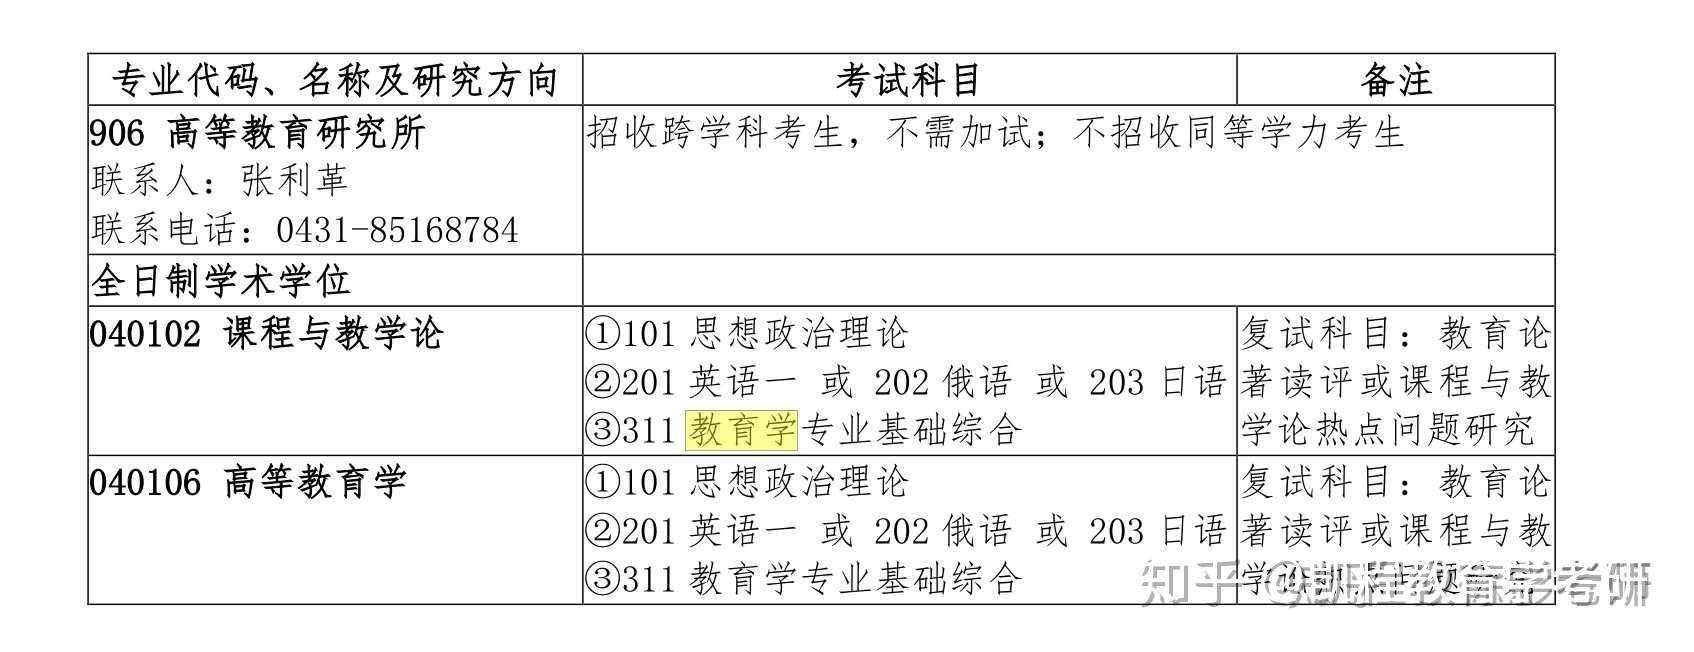 413联考有哪些省份_【最新最全】21年311教育学统考院校有哪些?(持续更新) - 知乎